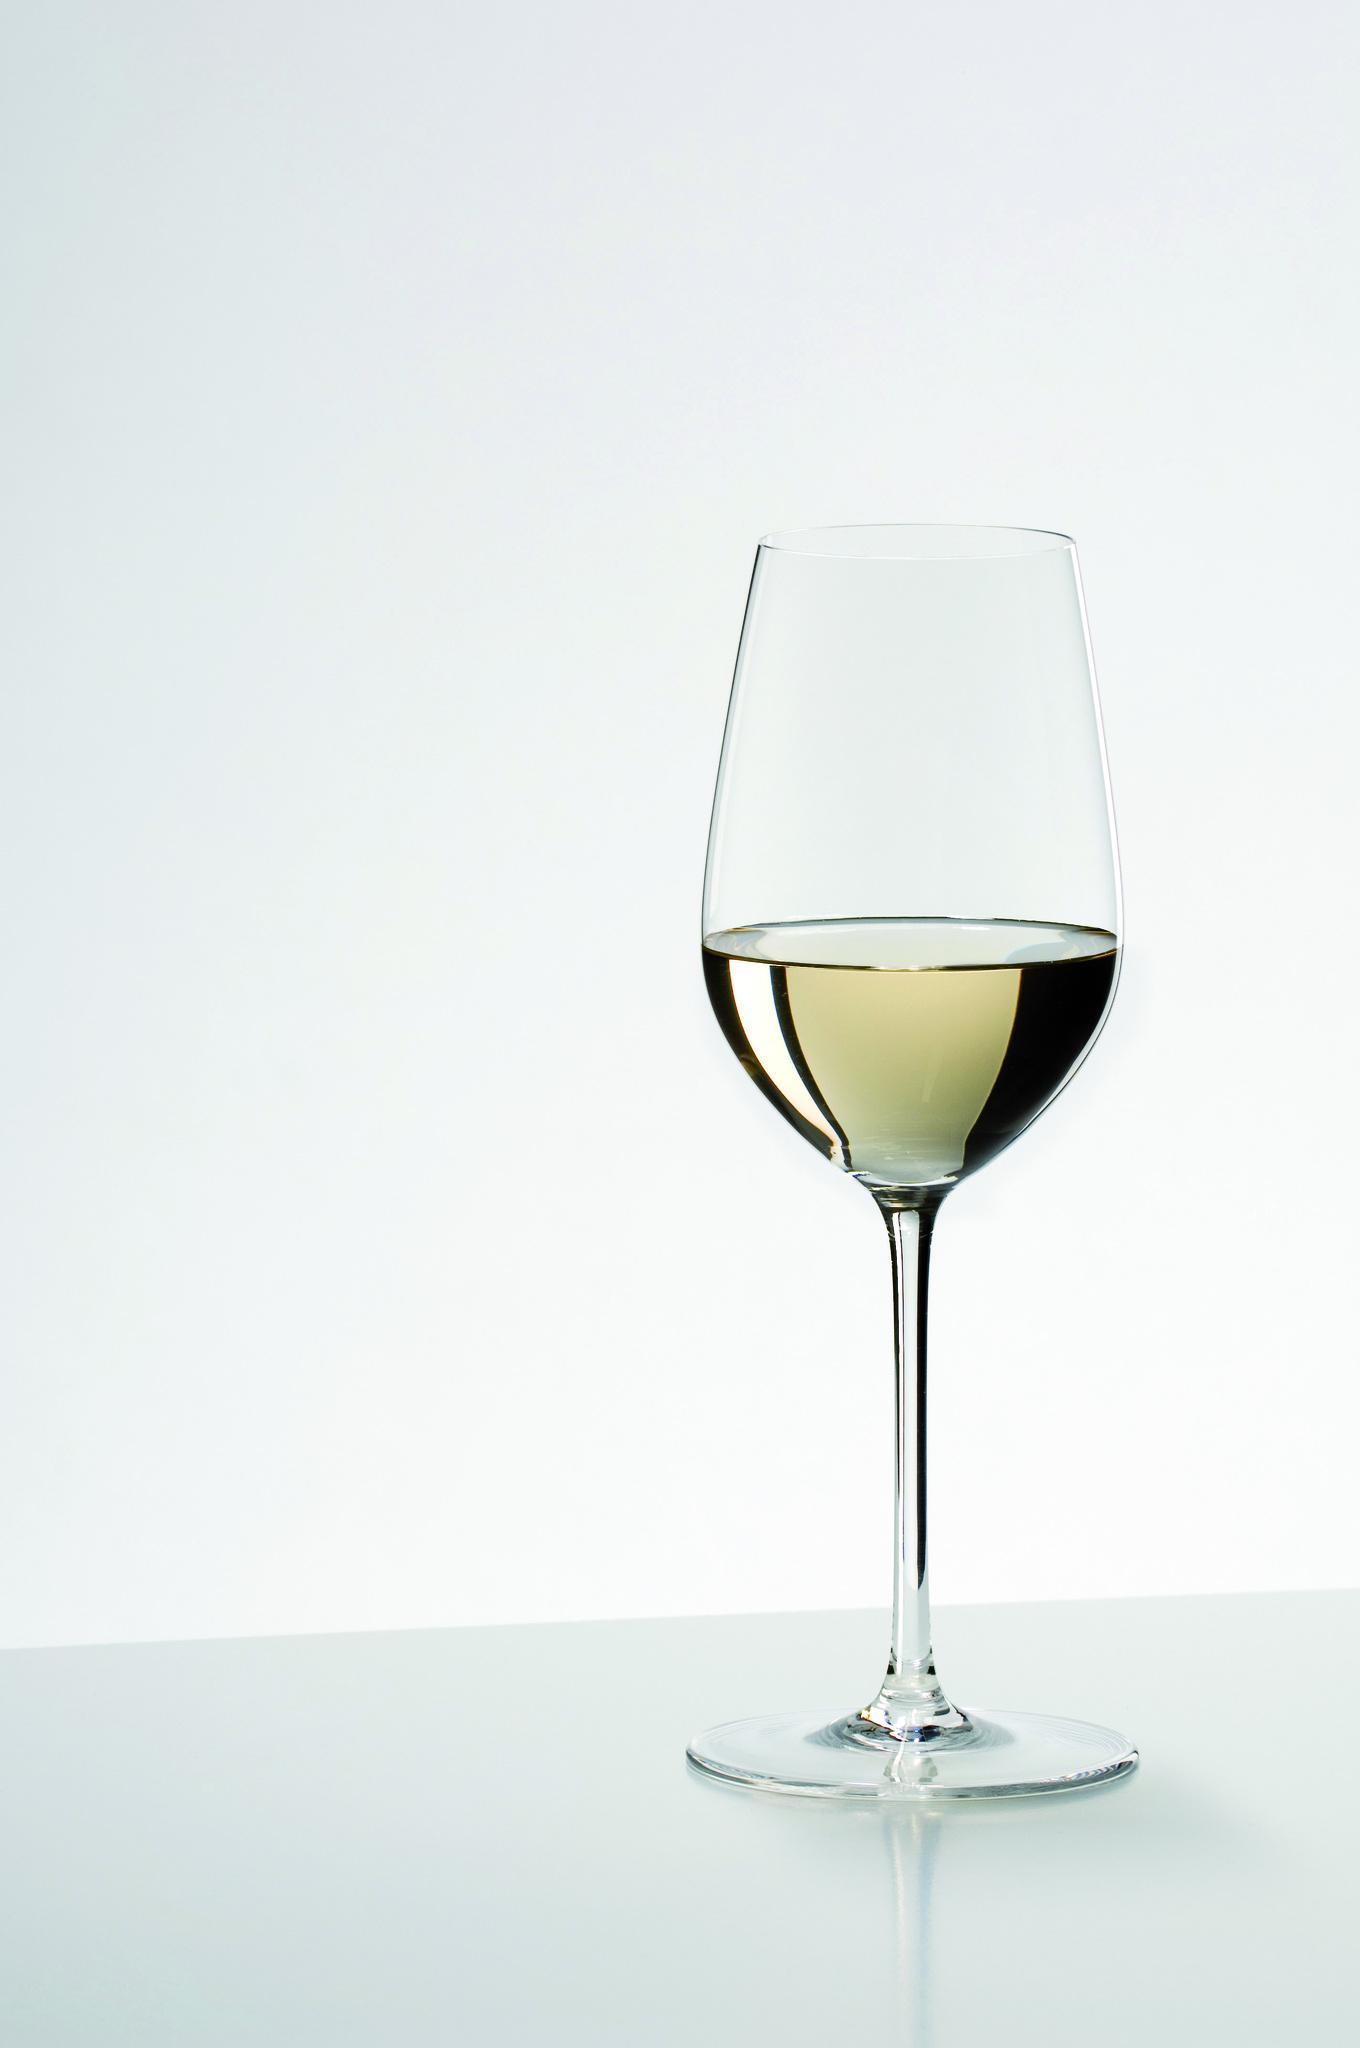 Бокалы Бокал для белого вина 380мл Riedel Sommeliers Chianti Classico/Riesling Grand Cru bokal-dlya-belogo-vina-380-ml-riedel-chianti-classicoriesling-grand-cru-avstriya.jpg